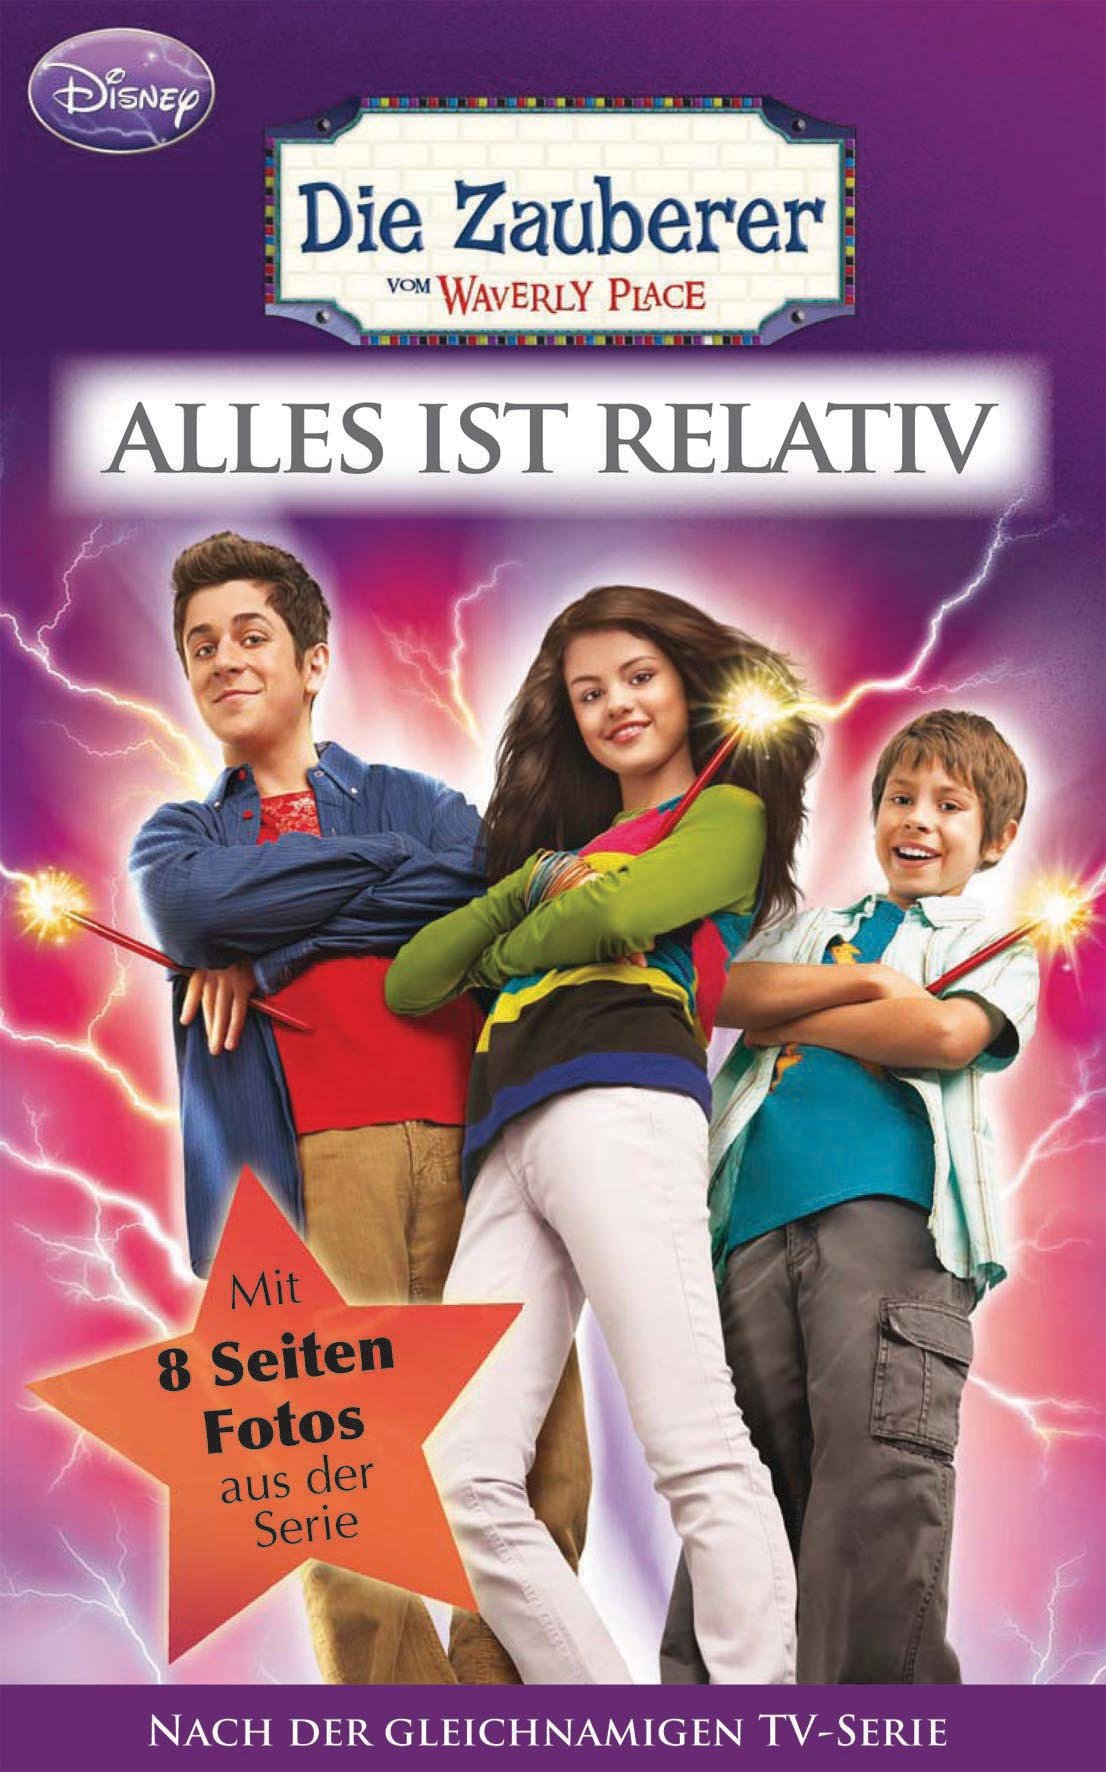 Disney: Die Zauberer vom Waverly Place 1: Alles ist relativ: nach der gleichnamiger TV-Serie